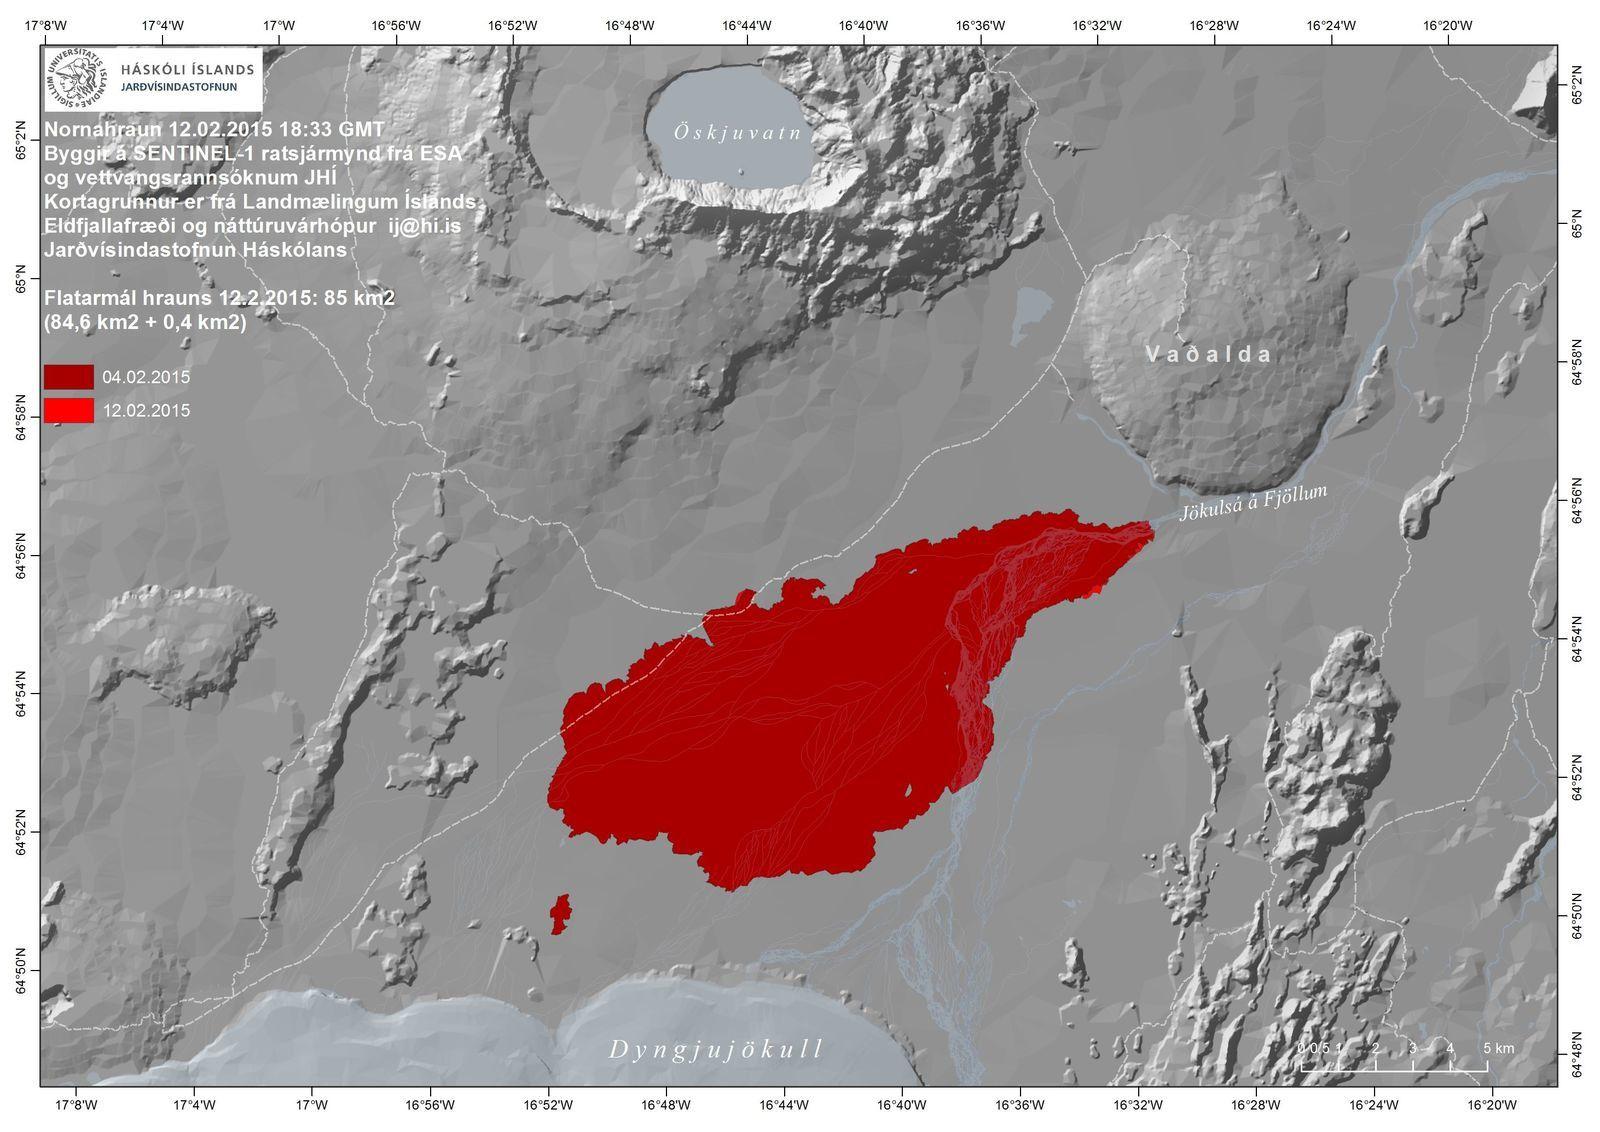 Holuhraun - le champ de lave atteint 85 km² le 12.02.2015